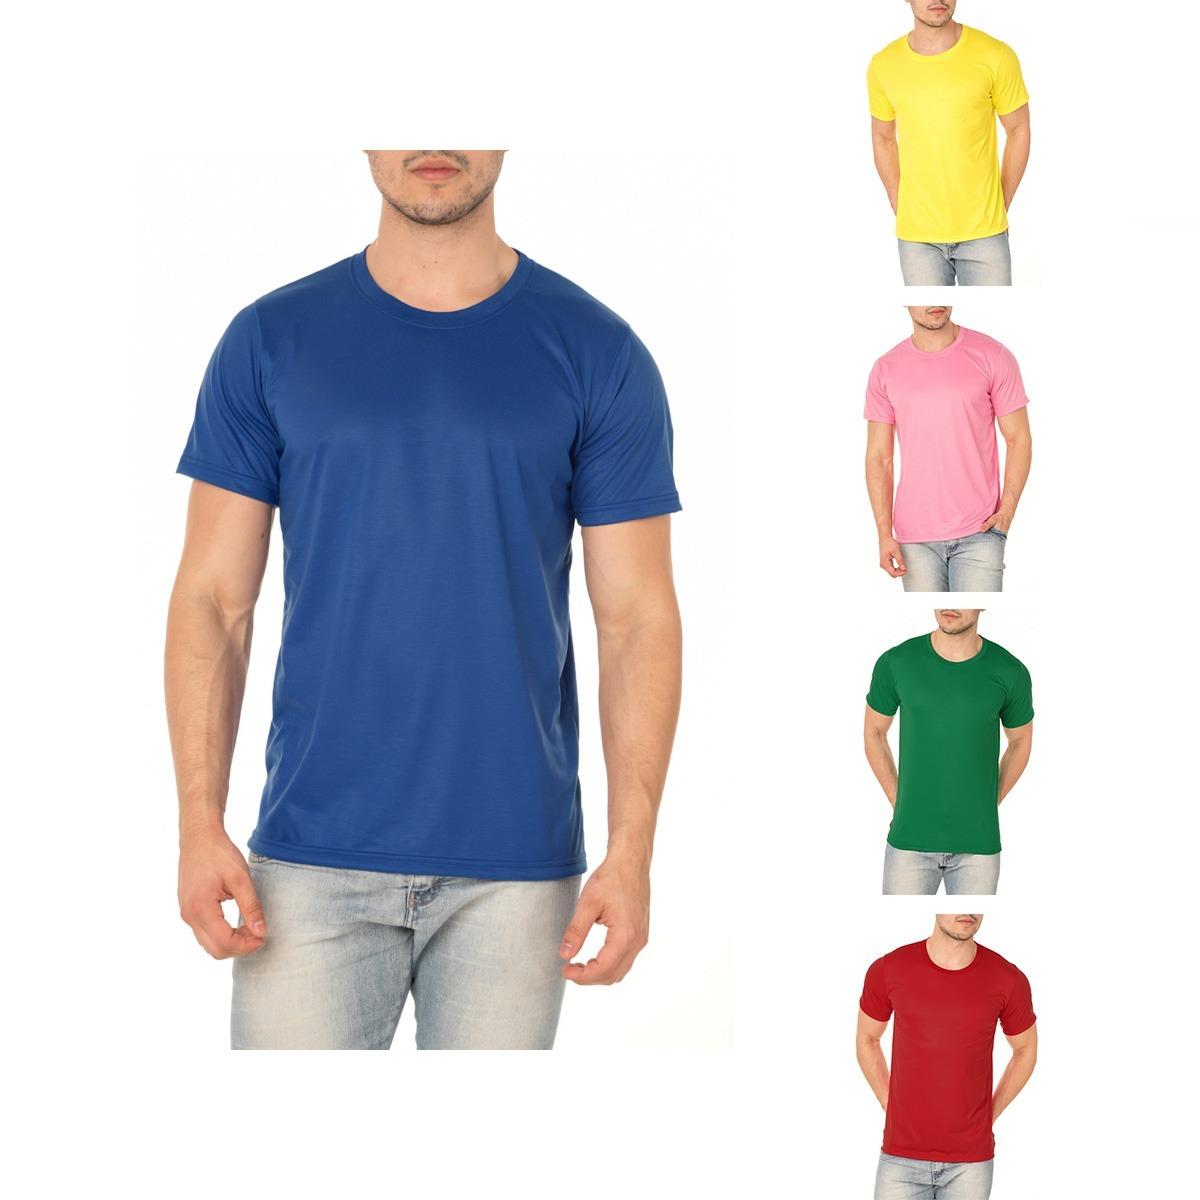 d42d508fa camiseta colorida p  sublimação camisa lisa 100% poliéster. Carregando zoom.